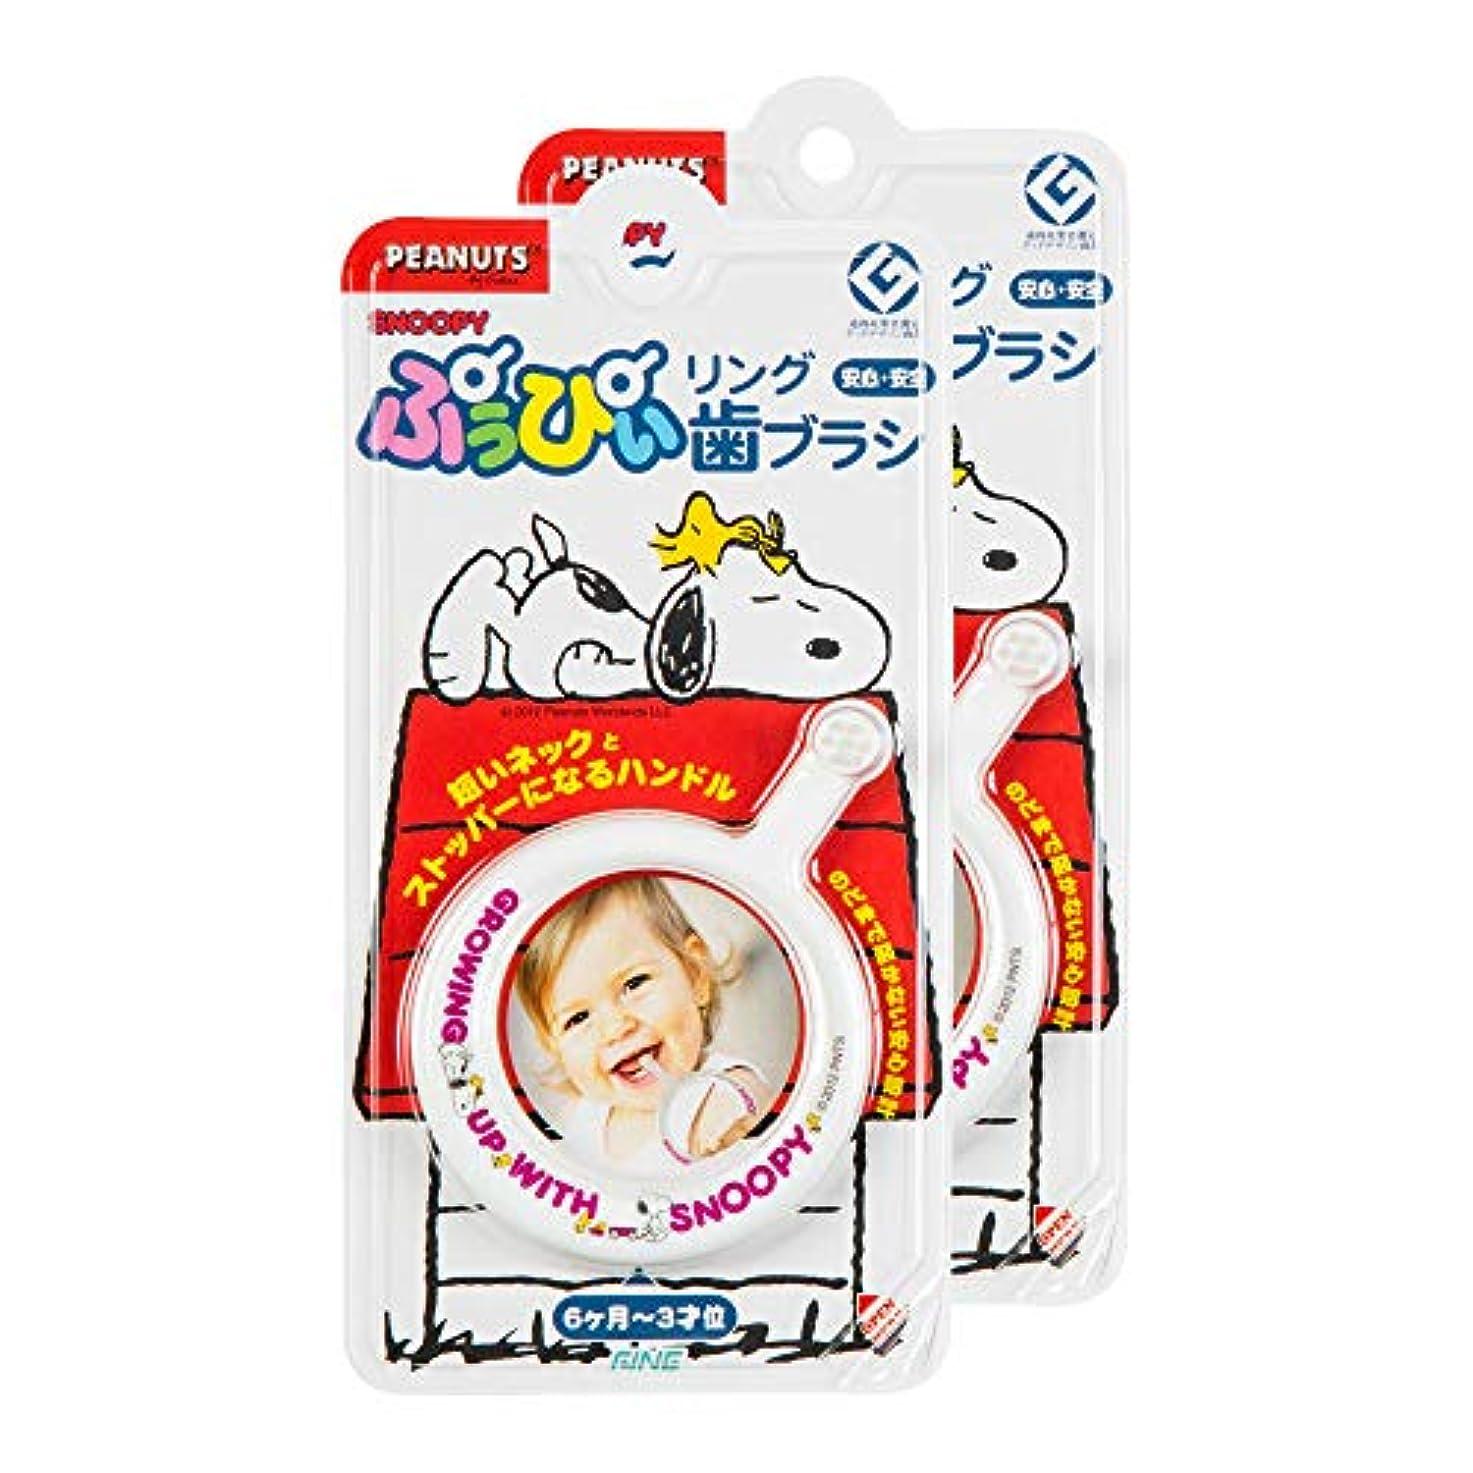 自分のためにパーク野菜【Amazon.co.jp限定】 ファイン ベビー用歯ブラシ 2個組 ピンク 2組 4976858872099